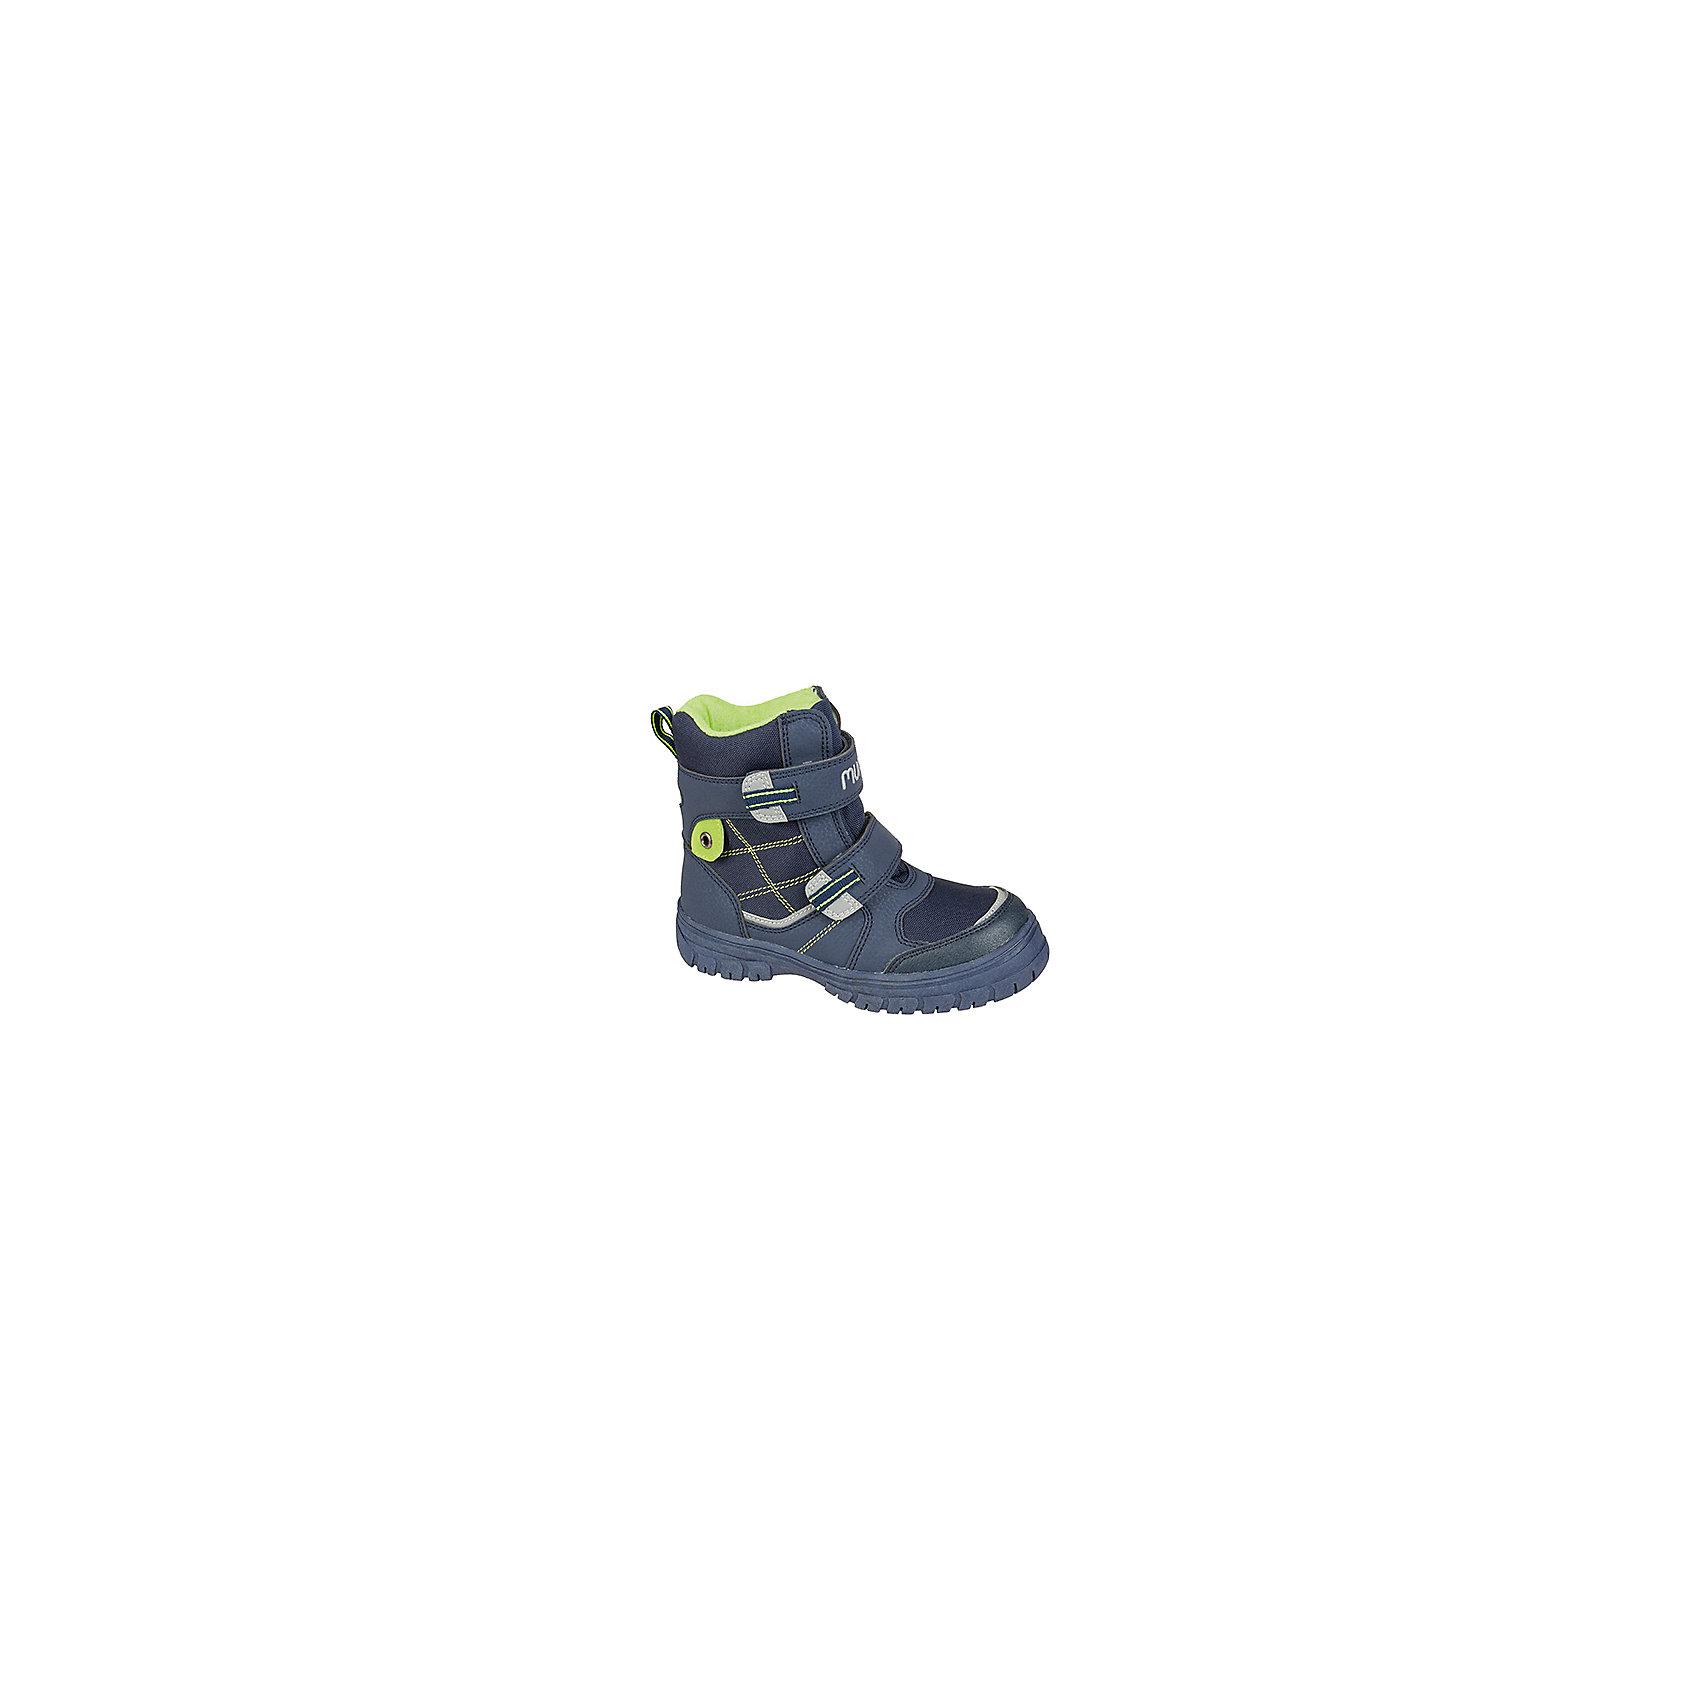 Ботинки для мальчика MursuОбувь<br>Ботинки для мальчика Mursu (Мурсу)<br><br>Характеристики:<br><br>• цвет: синий<br>• температурный режим до -25С<br>• материал верха: искусственная кожа, текстиль<br>• внутренний материал: шерсть, мембрана<br>• стелька: шерсть<br>• подошва: ТЭП<br>• две застежки-липучки<br>• сезон: зима<br><br>Ботинки Mursu (Мурсу) изготовлены из искусственной кожи и текстиля. Двойные швы гарантируют обуви долговечность и прочность. Ботинки имеют устойчивую подошву, уплотненный носок и задник и две застежки-липучки спереди. Мембрана не даст холодному воздуху проникнуть внутрь, а шерстяная подкладка и стелька подарят тепло и комфорт. Стильные ботиночки идеально подойдут для зимних прогулок!<br><br>Ботинки для мальчика Mursu (Мурсу) можно купить в нашем интернет-магазине.<br><br>Ширина мм: 262<br>Глубина мм: 176<br>Высота мм: 97<br>Вес г: 427<br>Цвет: синий<br>Возраст от месяцев: 132<br>Возраст до месяцев: 144<br>Пол: Мужской<br>Возраст: Детский<br>Размер: 35,34,33,32,36,37<br>SKU: 4861372